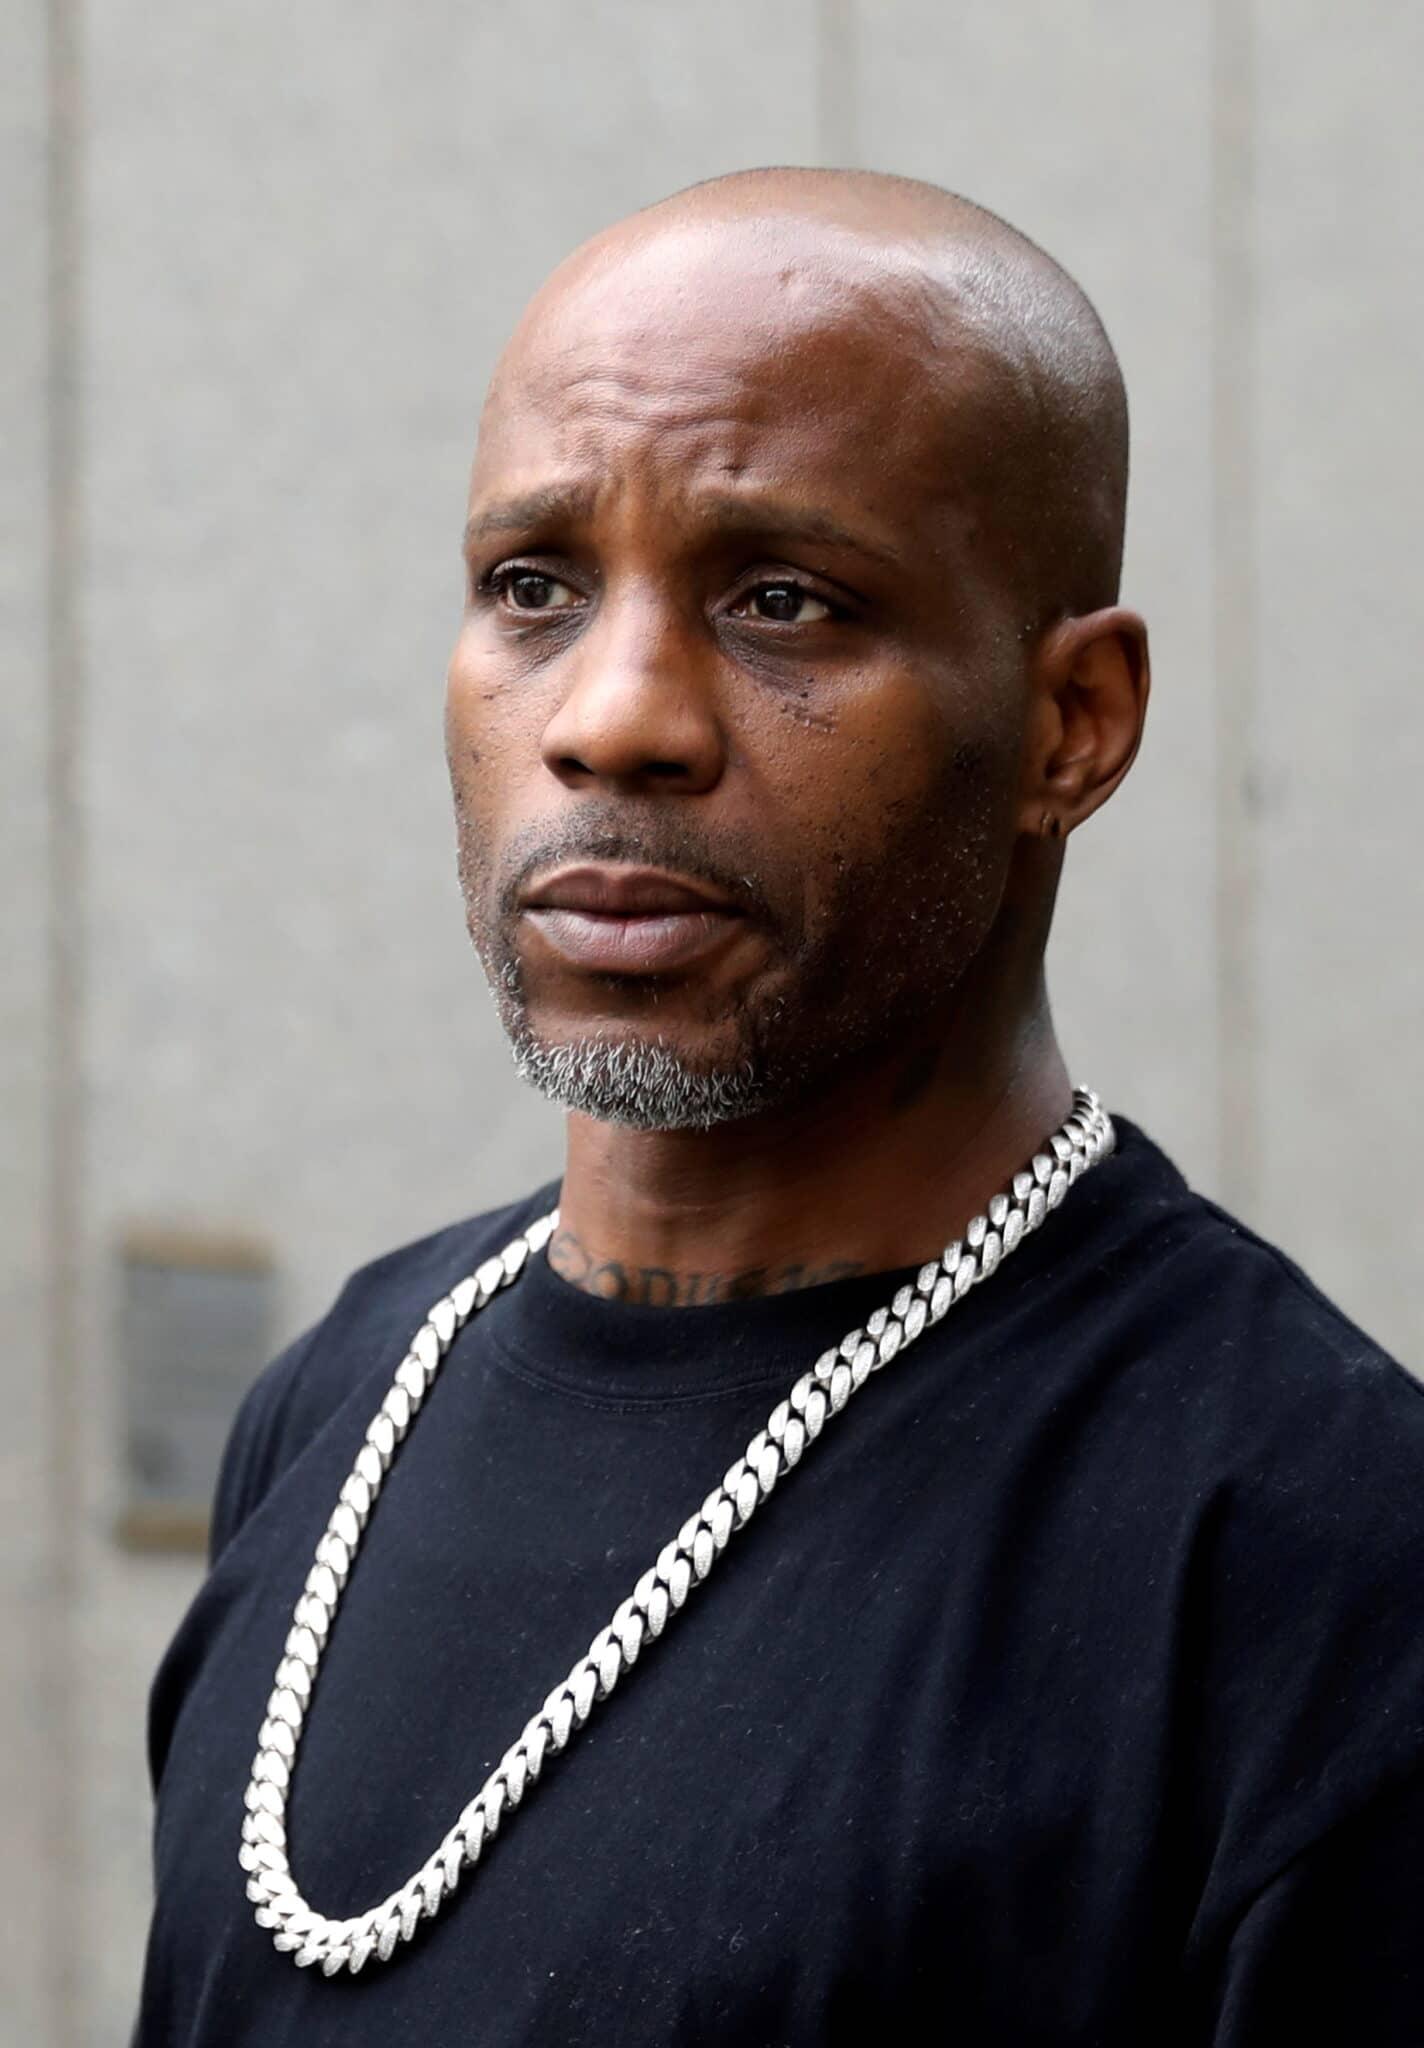 Earl Simmons u soudu na Manhattanu, 2017